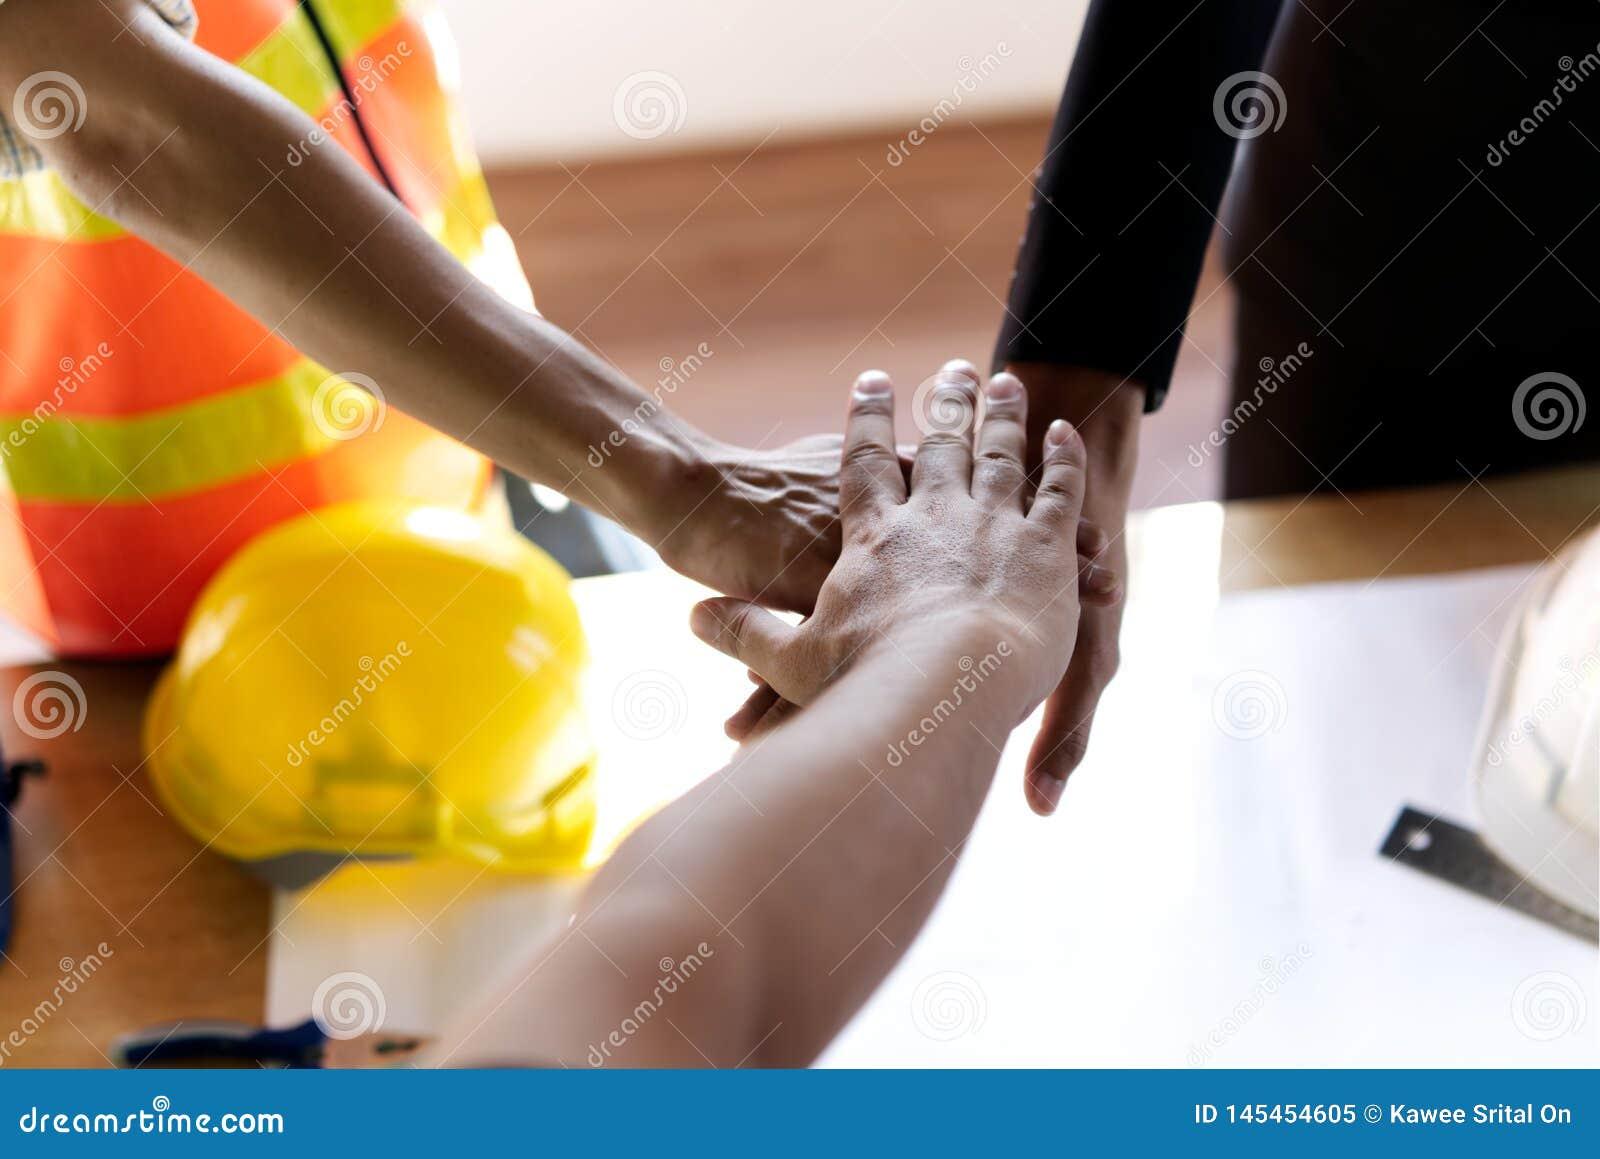 合作和好配合的力量在建筑业 成功目标和开发的能承受的合作